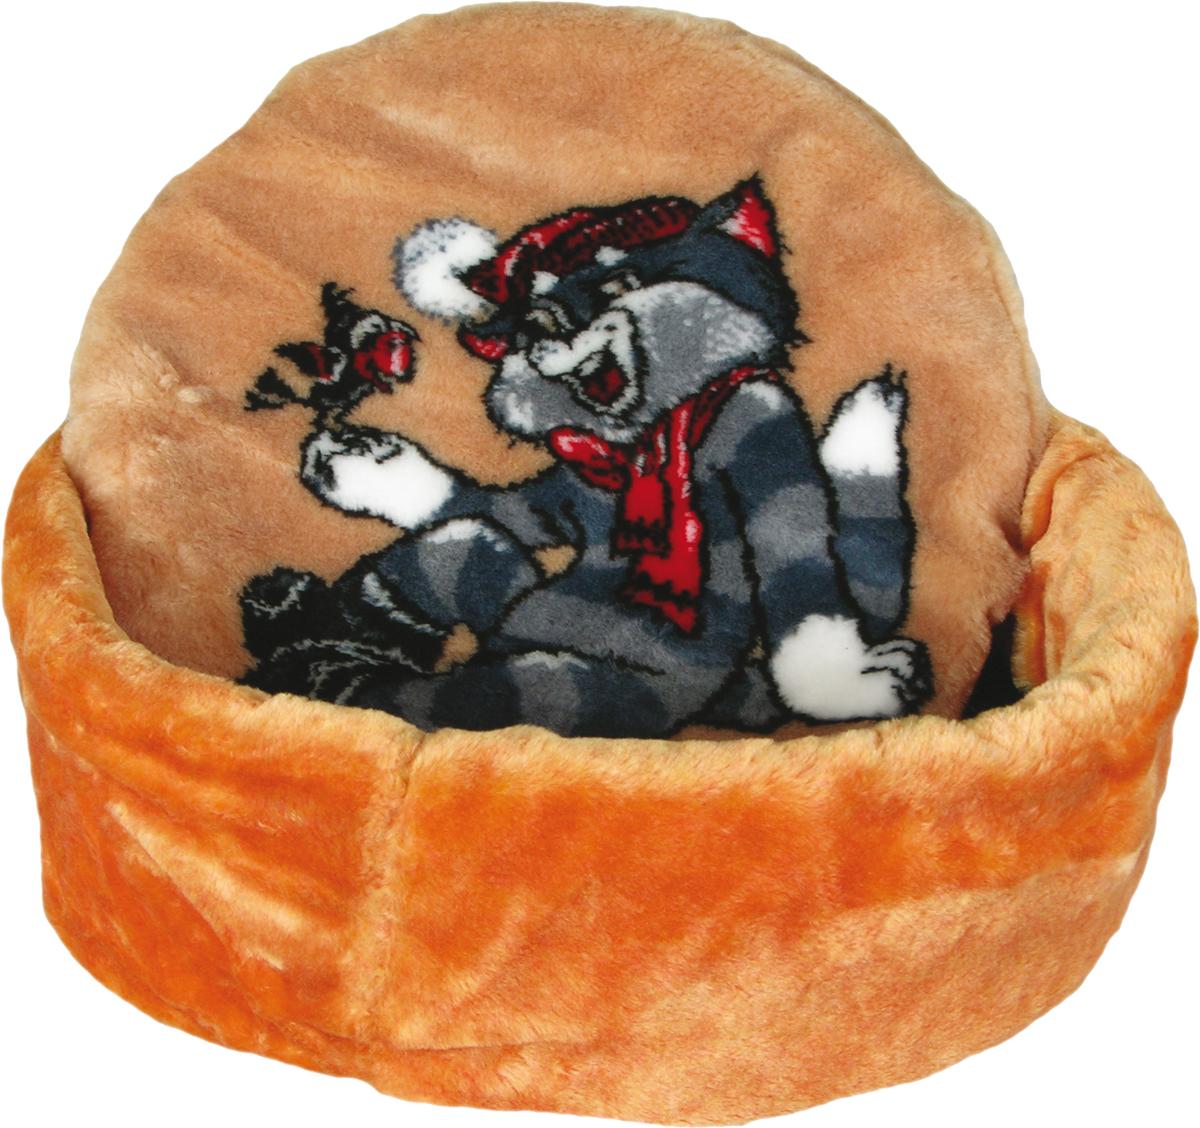 Лежак для животных Зооник Матроскин, цвет: песочный, 48 х 18 см лежак дарэлл хантер лось 2 с подушкой 55 40 16см